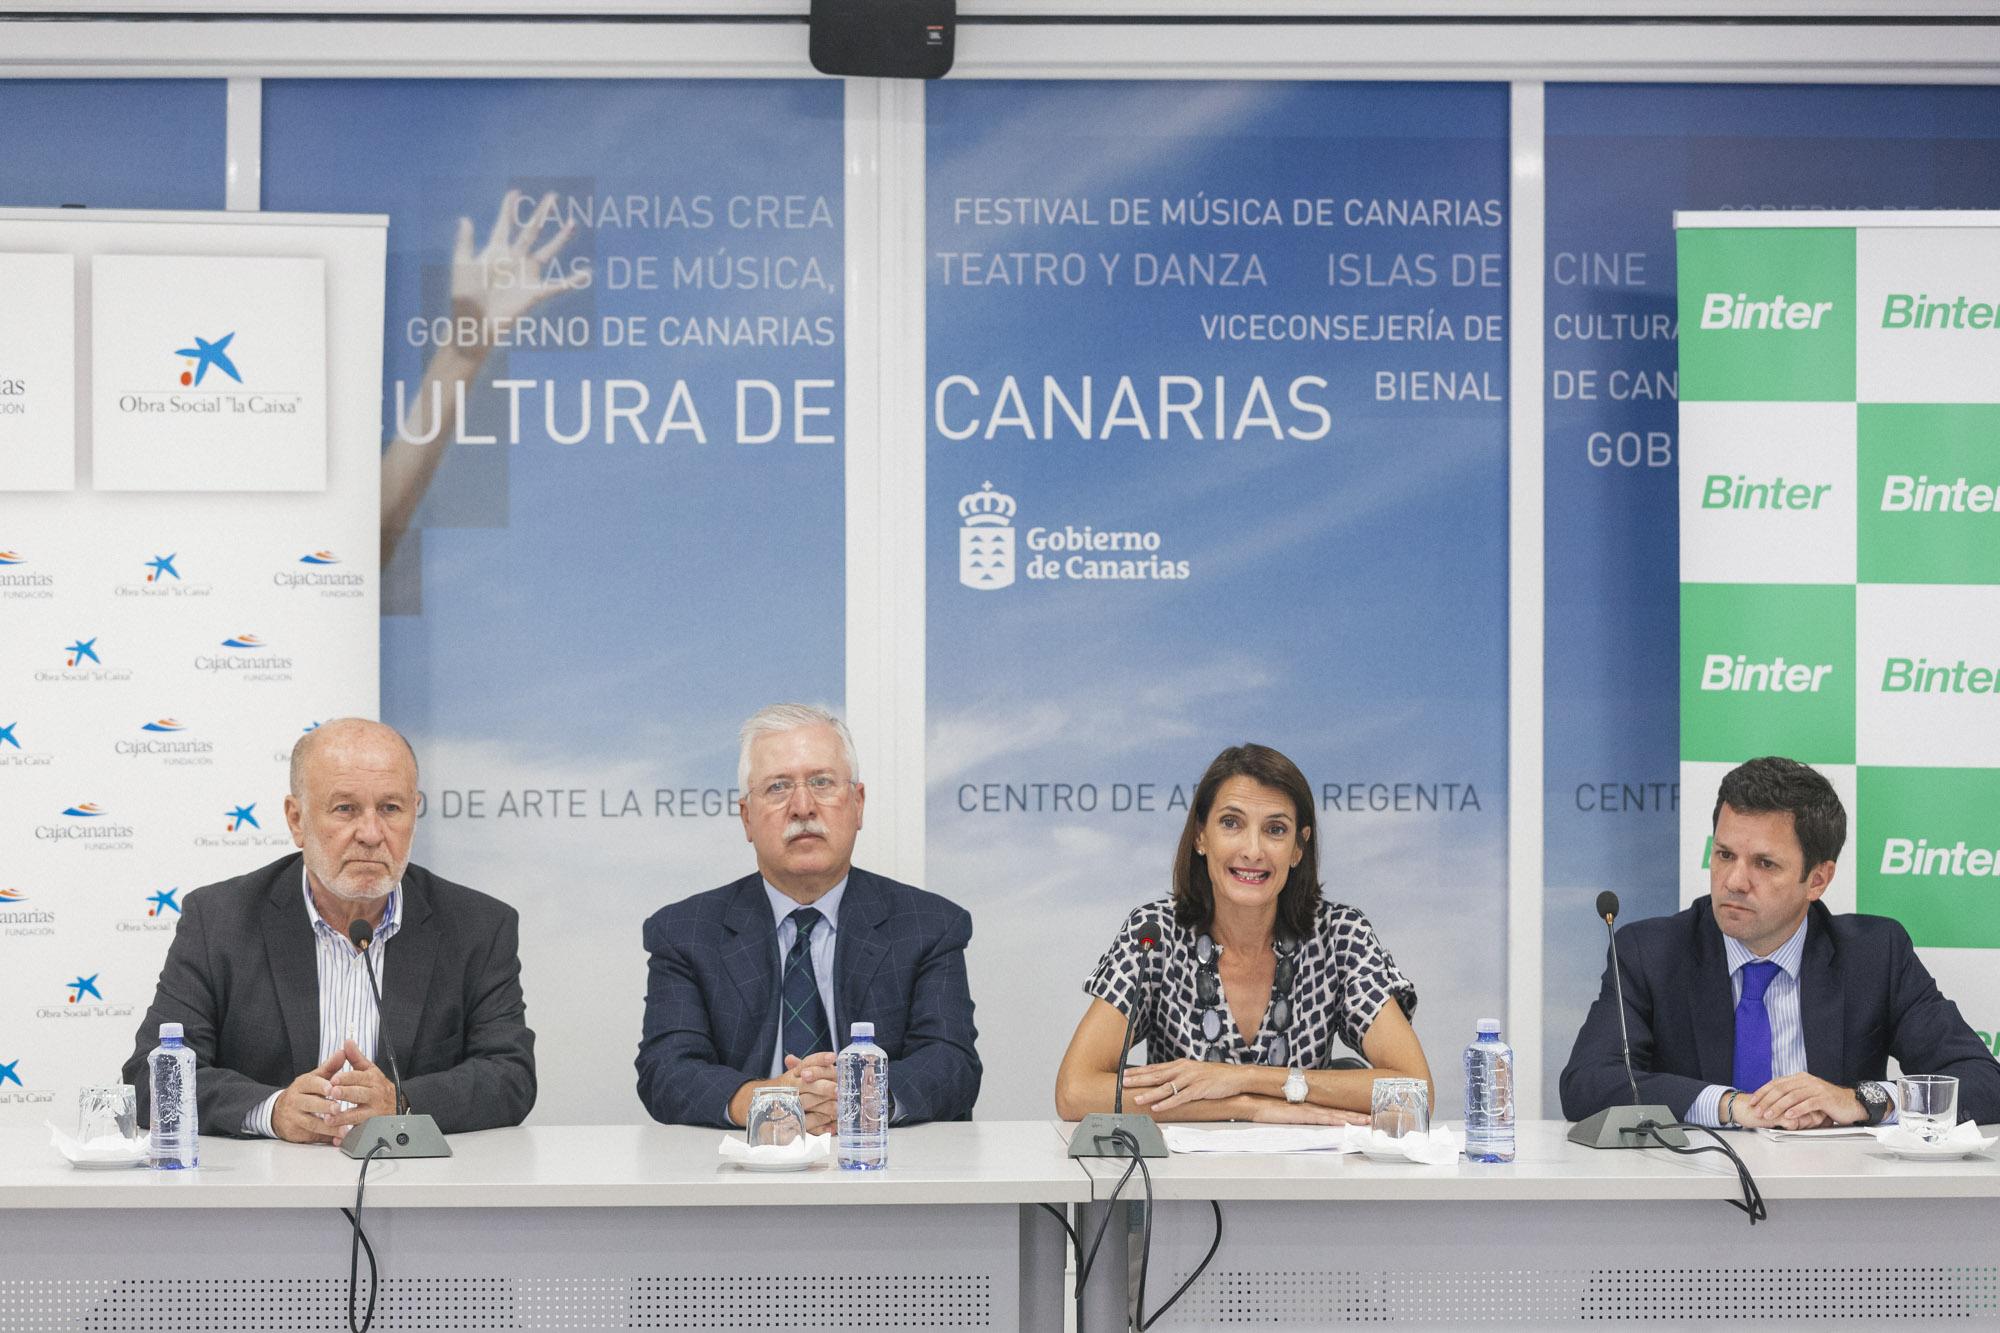 El Gobierno refuerza la movilidad del sector cultural canario entre islas